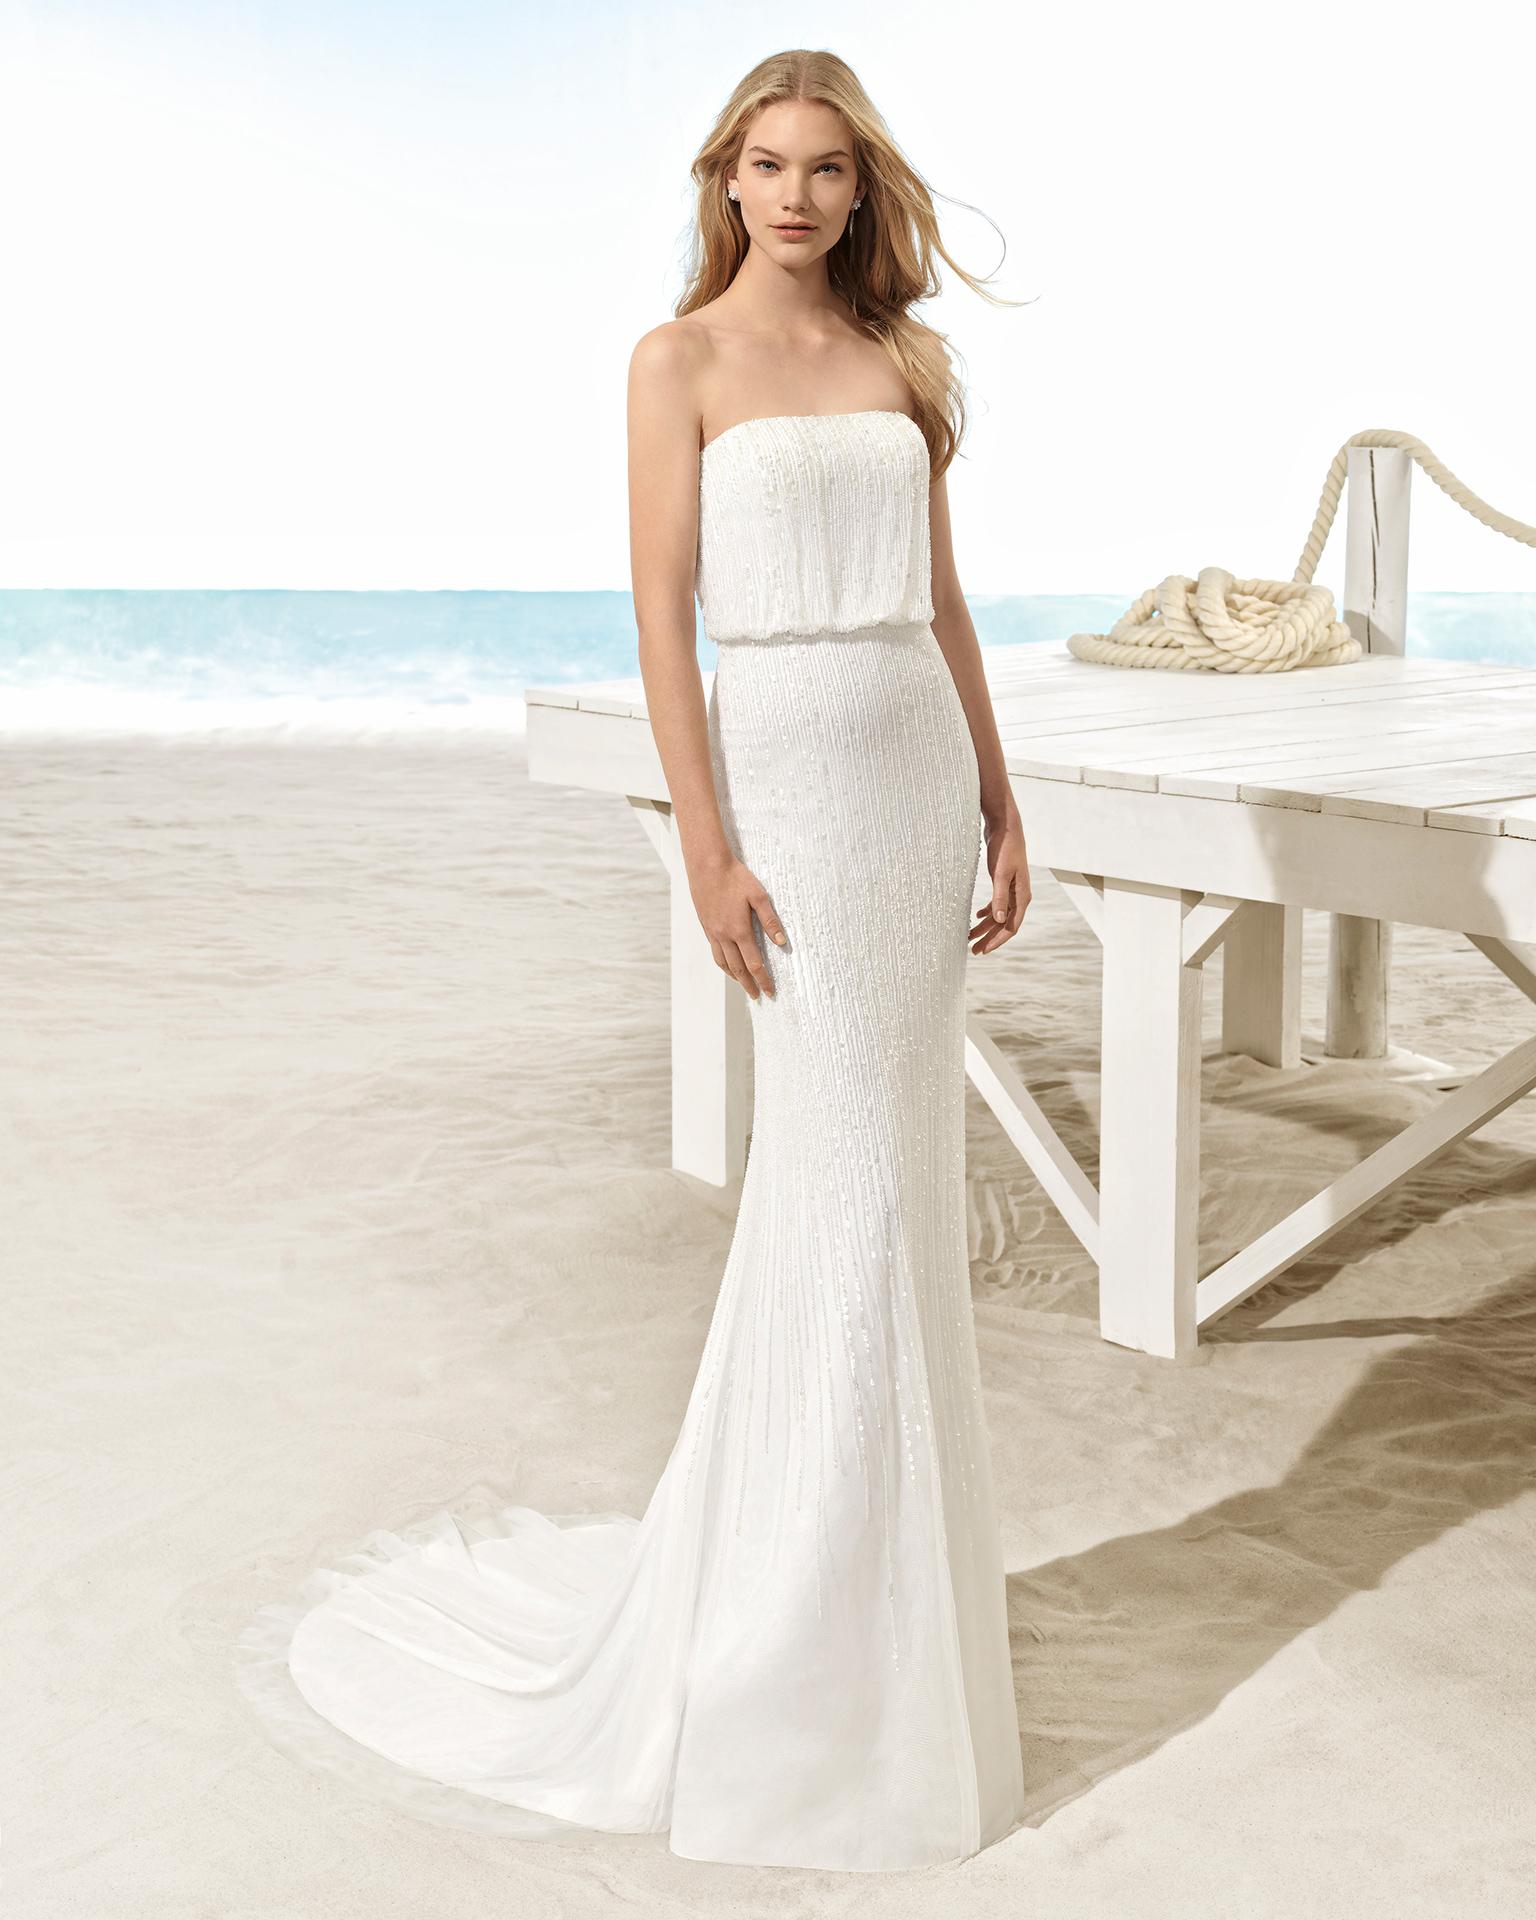 波西米亚风珠饰无肩带新娘婚纱配宽松式上衣。